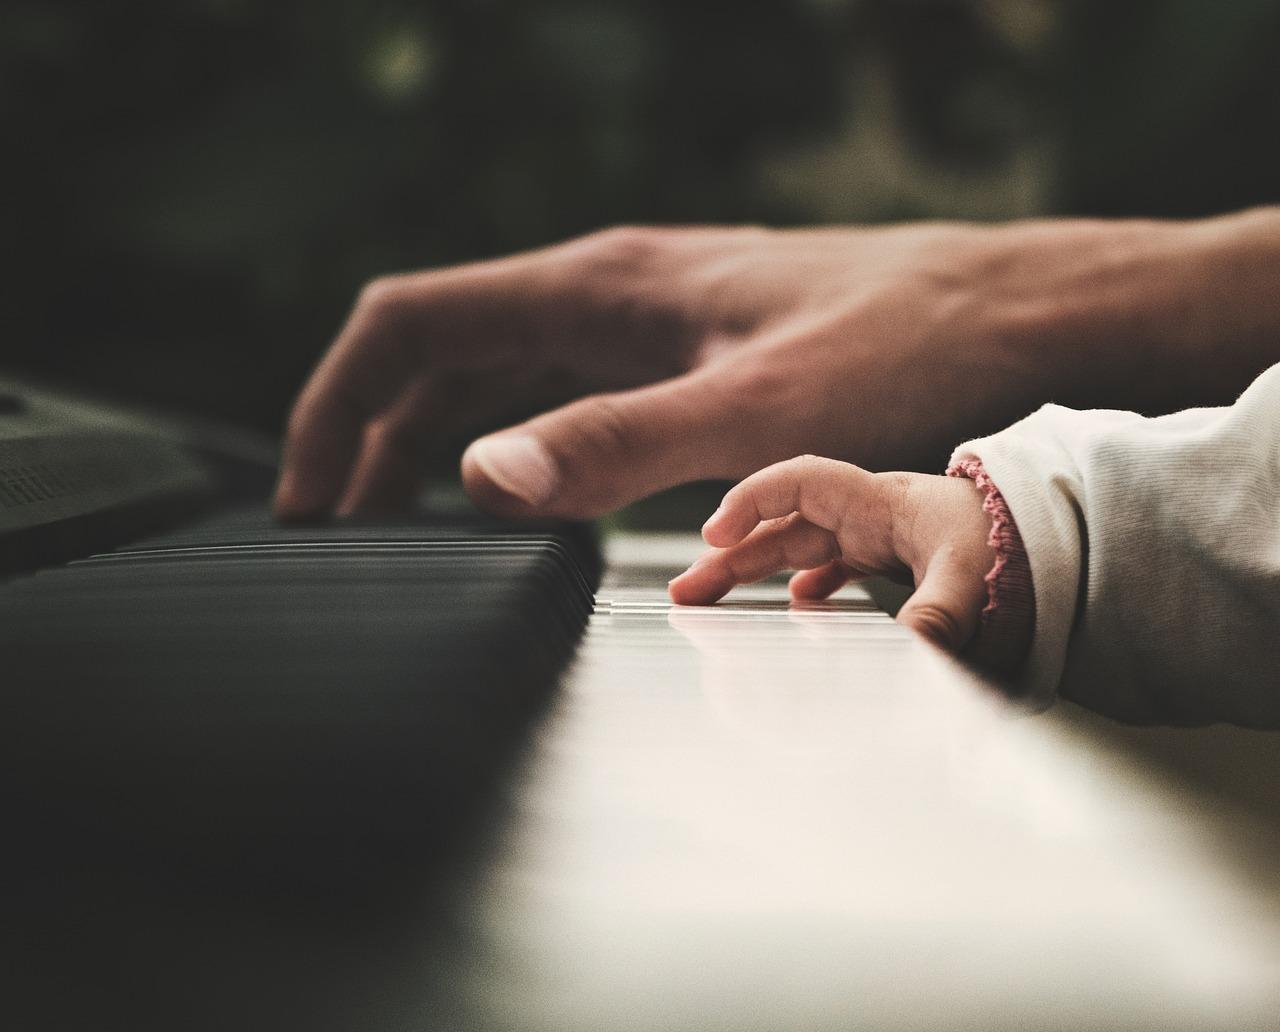 Perche-la-Musica-fa-Bene-ai-Bambini Perché la musica fa bene ai bambini?